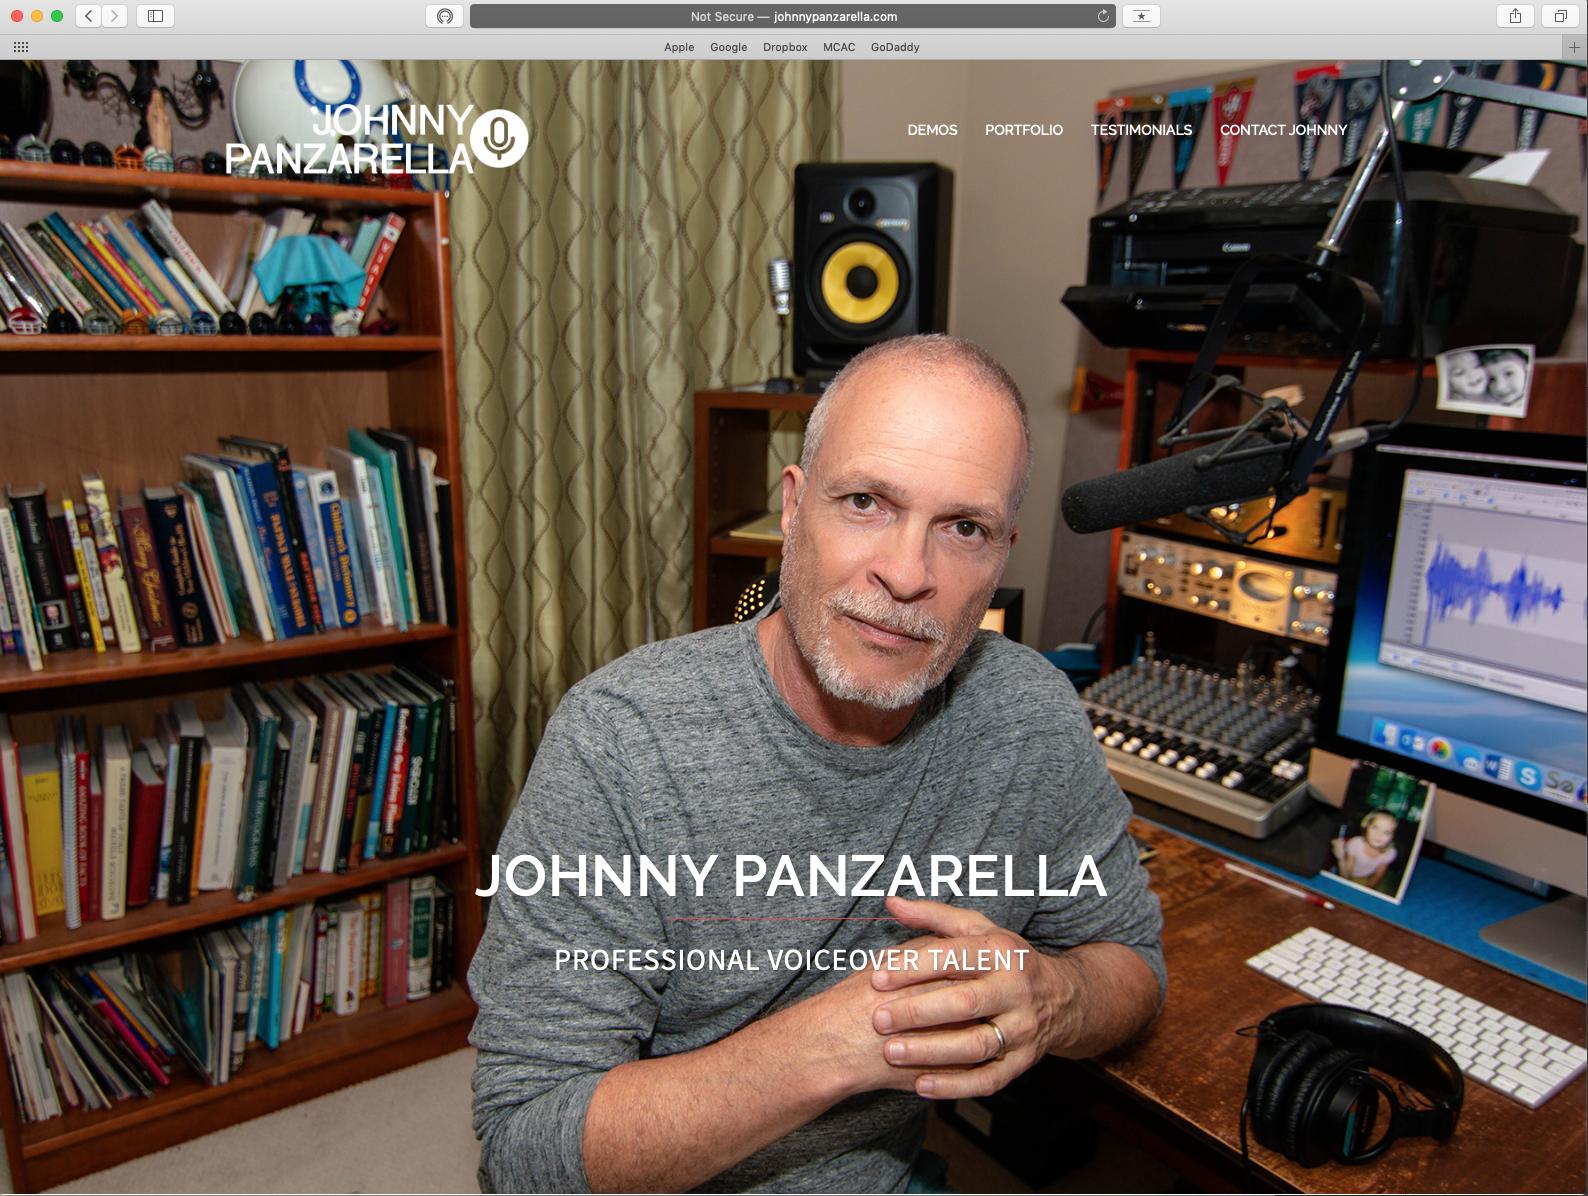 Johnny Panzarella (2019)